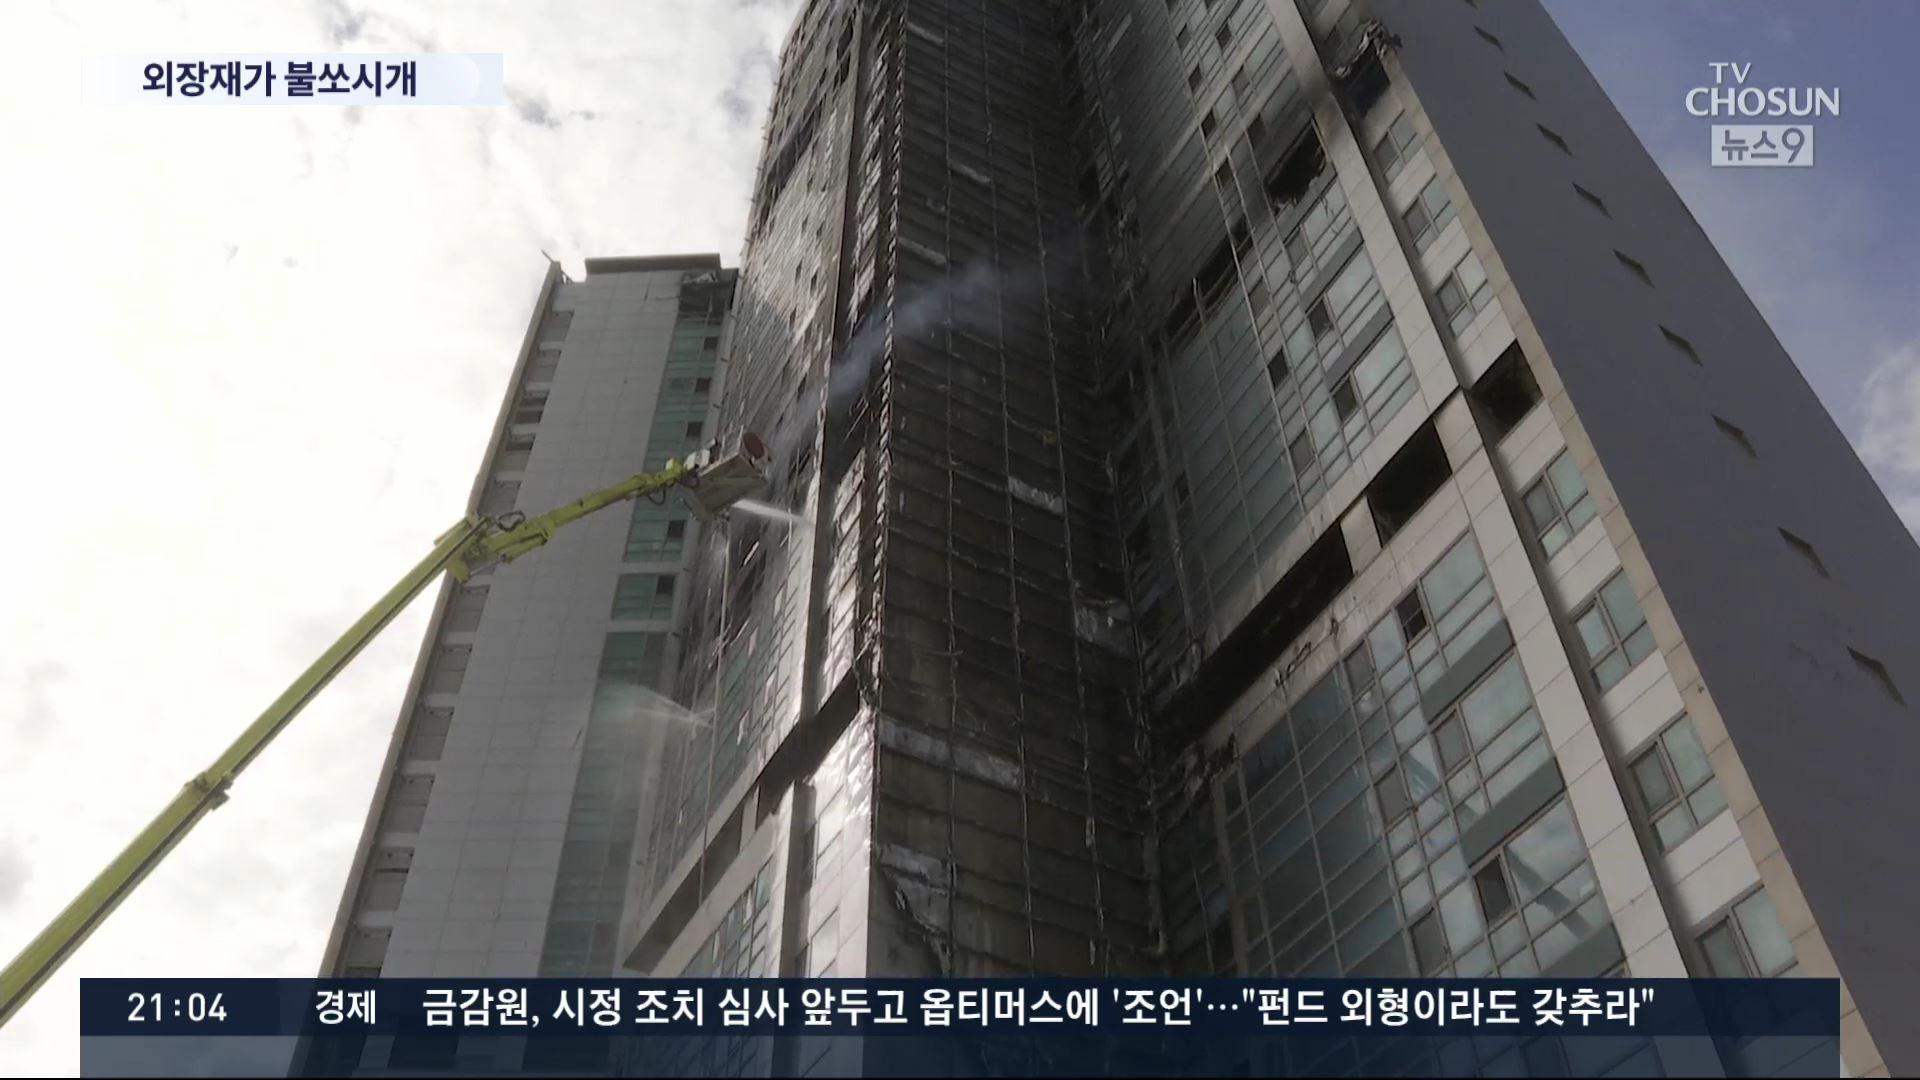 10분 만에 33층 삼킨 화마…알루미늄 외장재가 '불쏘시개'